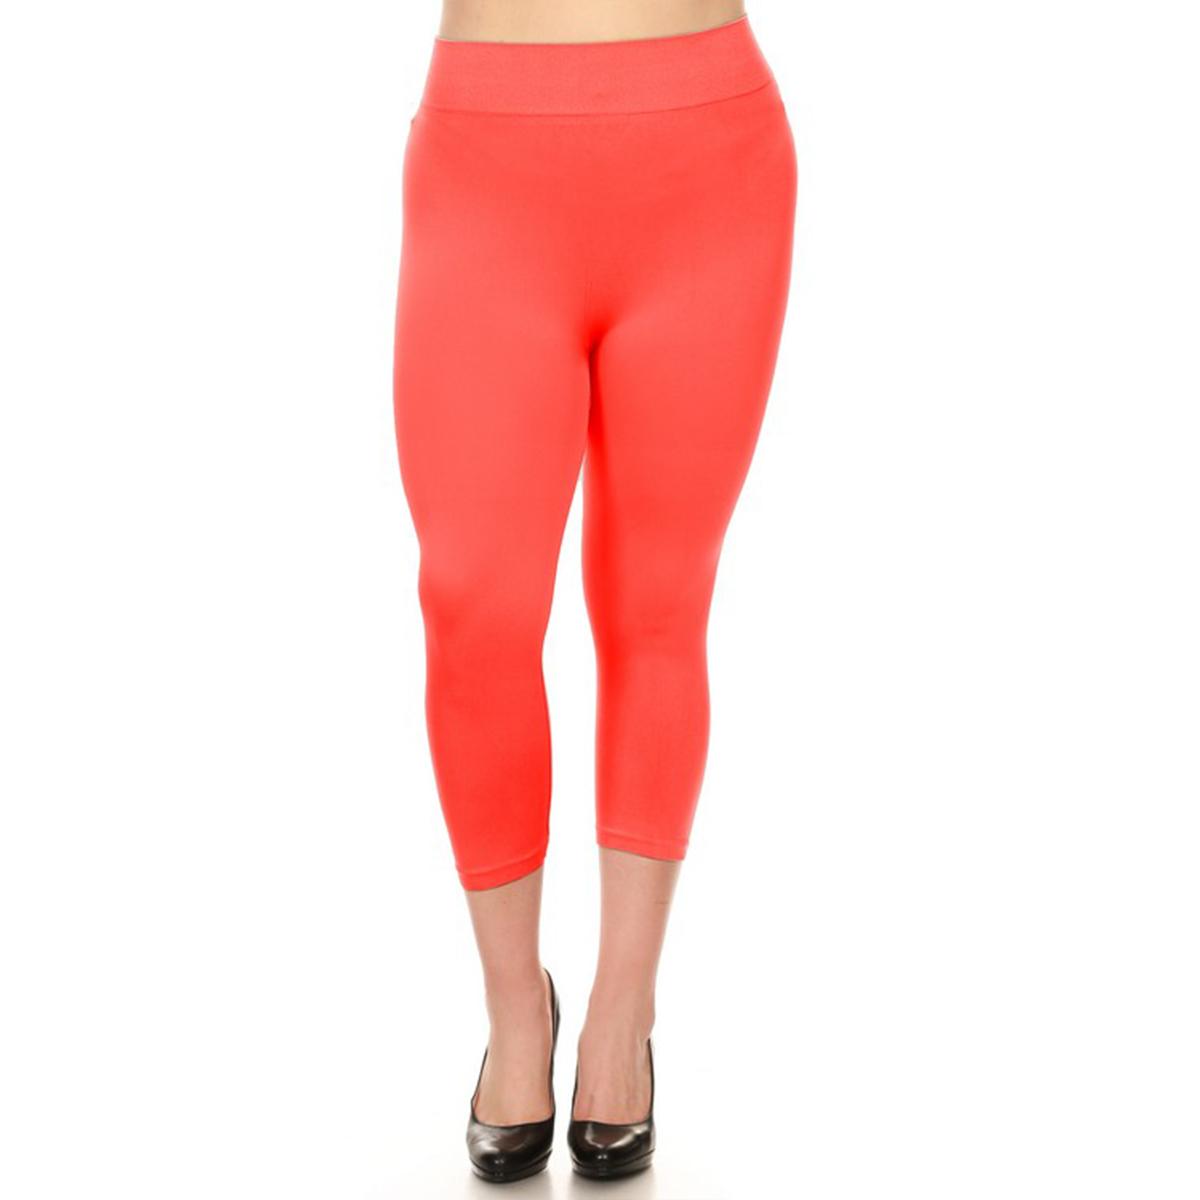 miniature 18 - Femmes Grande Taille Capri Leggings Court Stretch Pantalon Basique Solide Pour